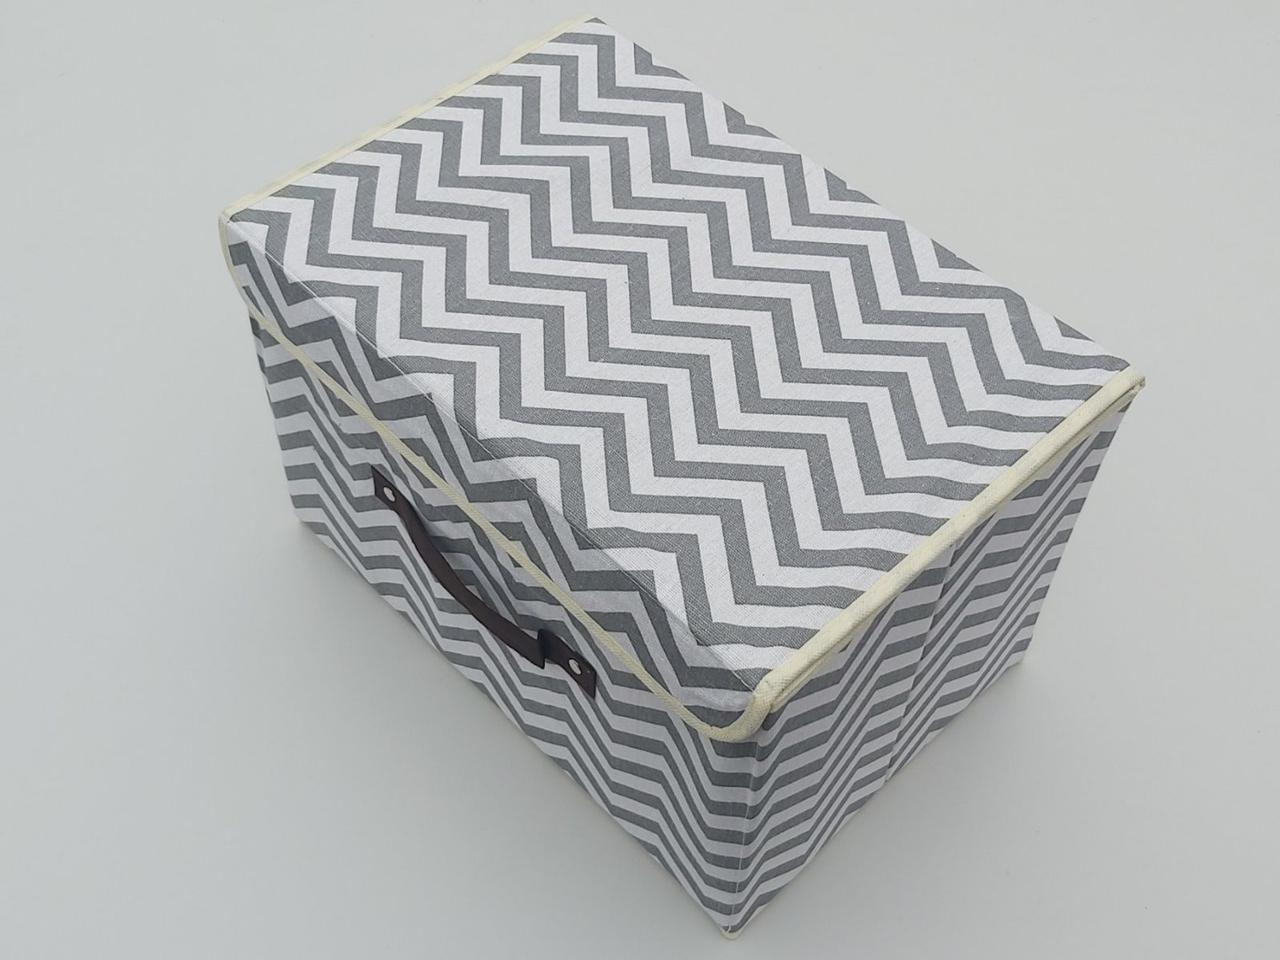 Коробка-органайзер Зигзаг Ш 38*Д 25*24,5 див. Для зберігання одягу, взуття чи невеликих предметів